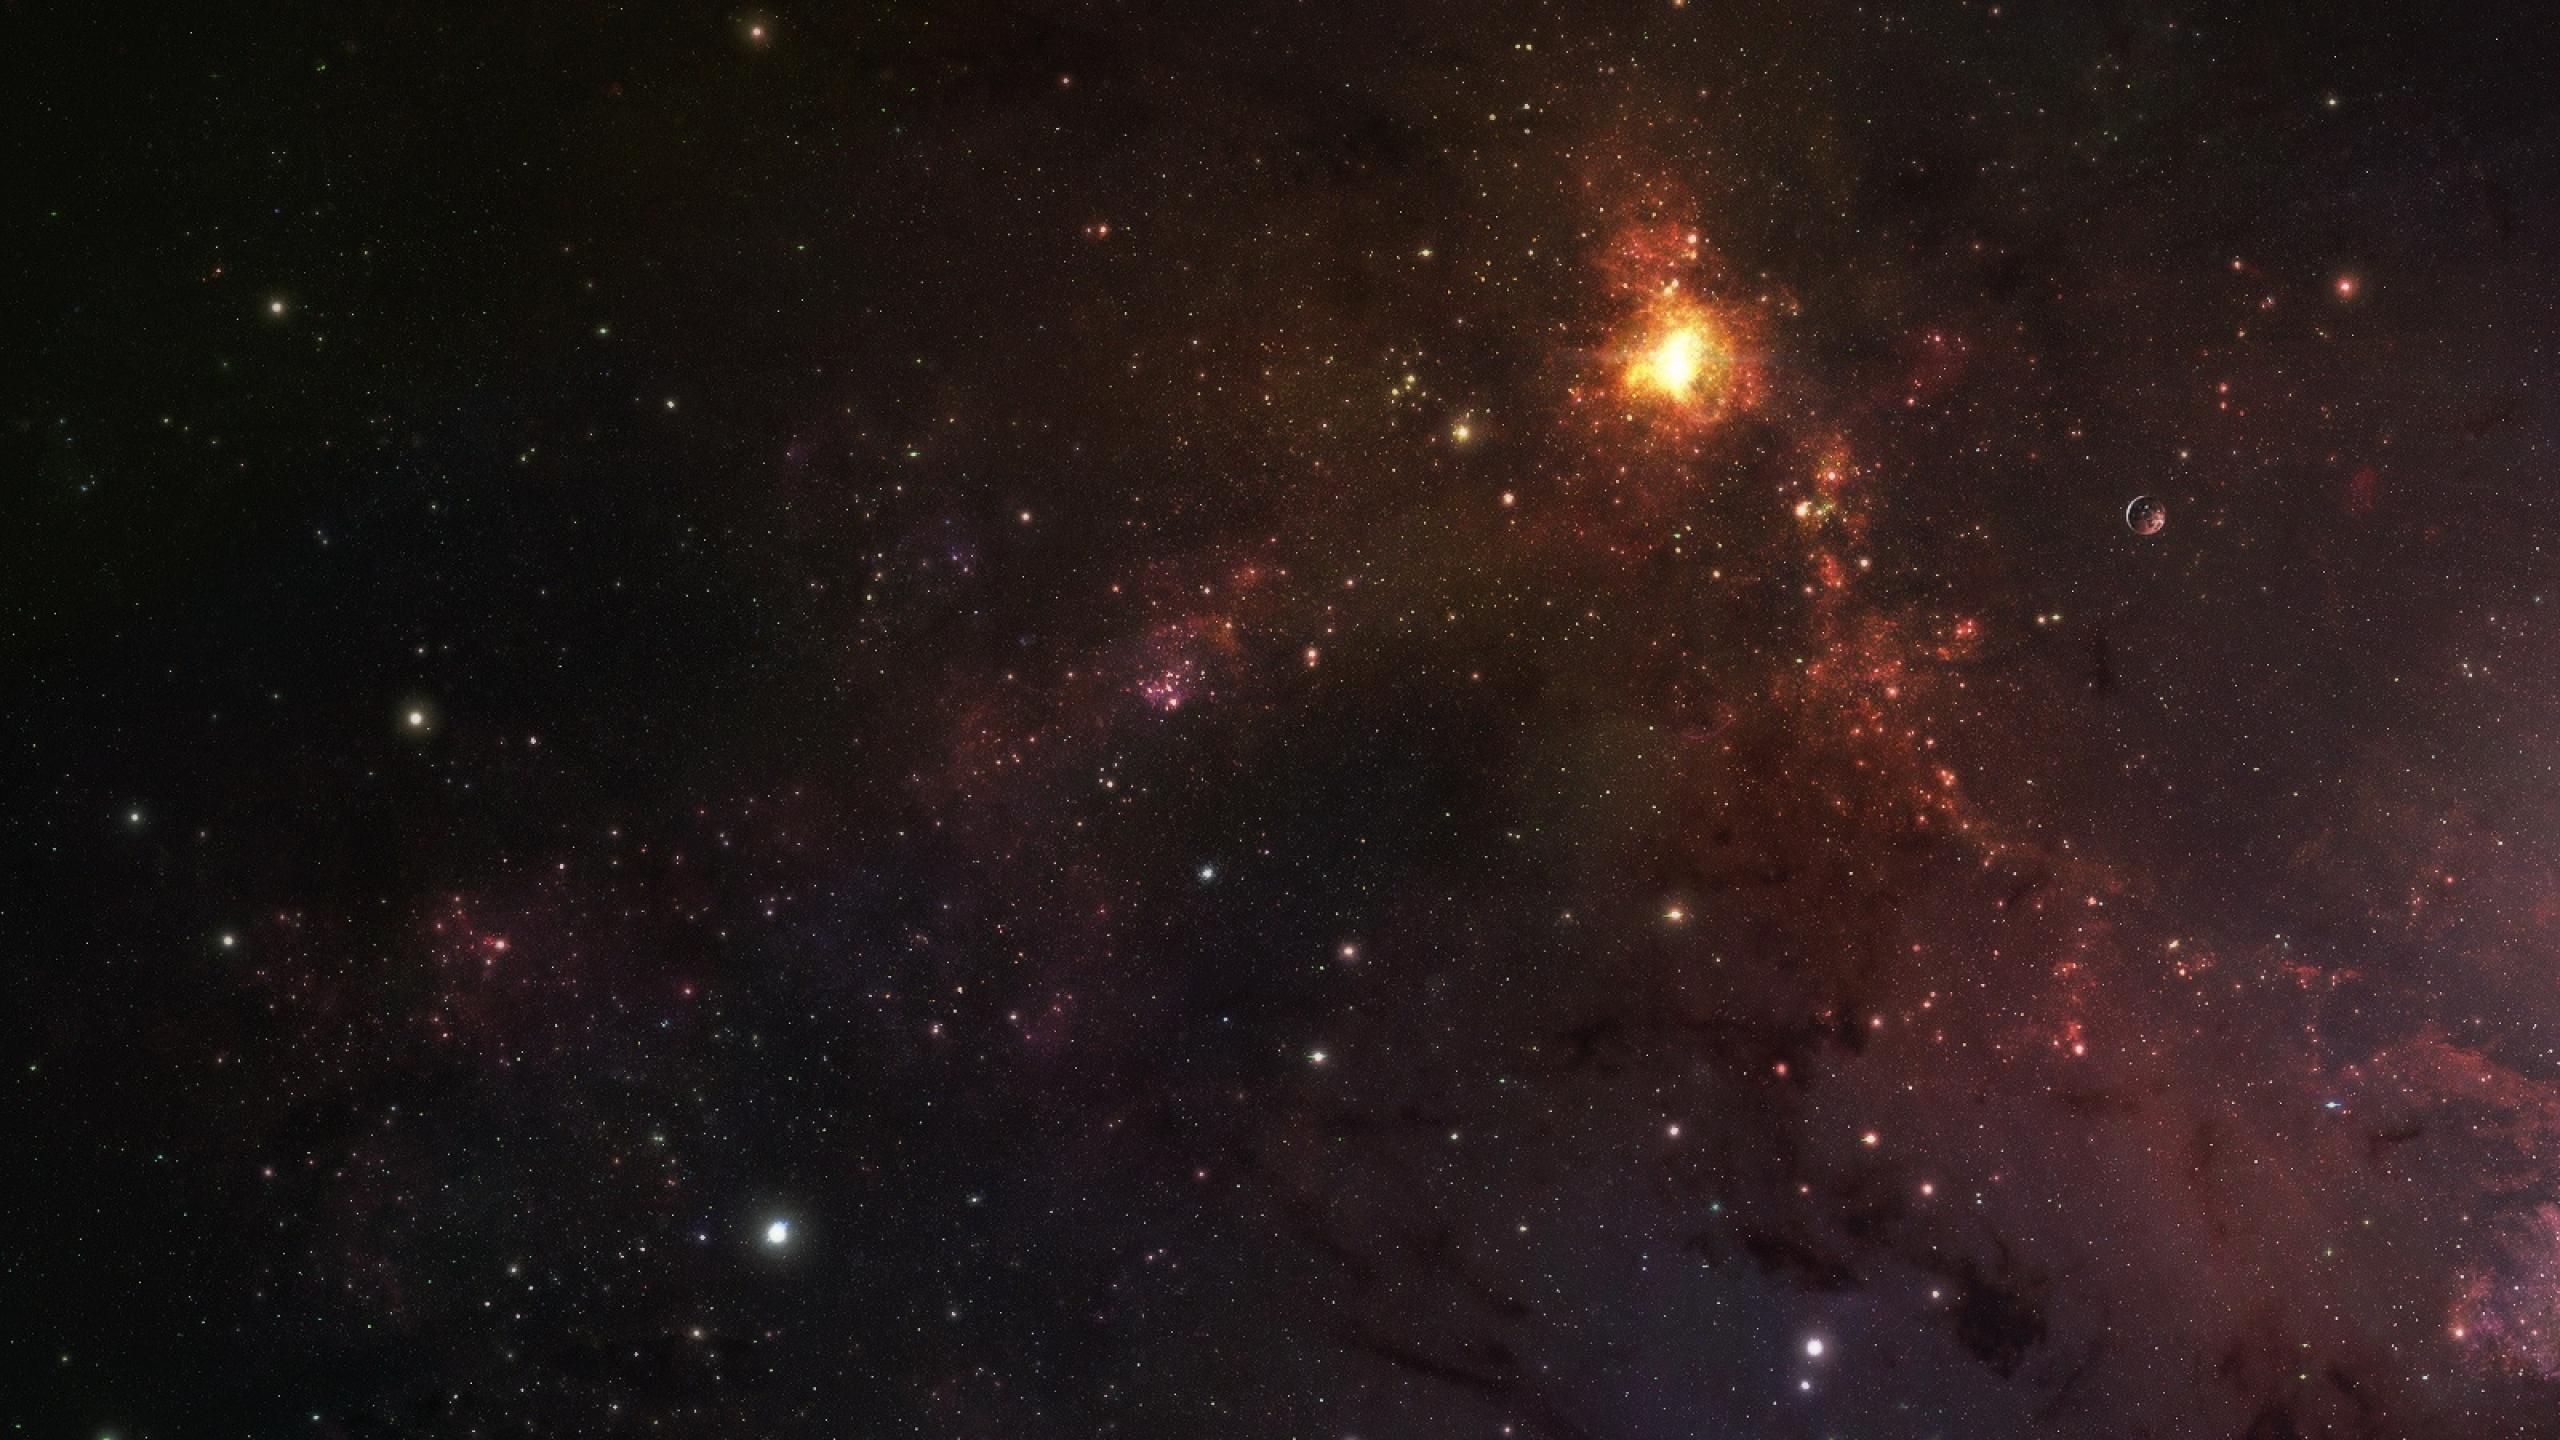 2560x1440 Wallpaper stars galaxy planets 2560x1440